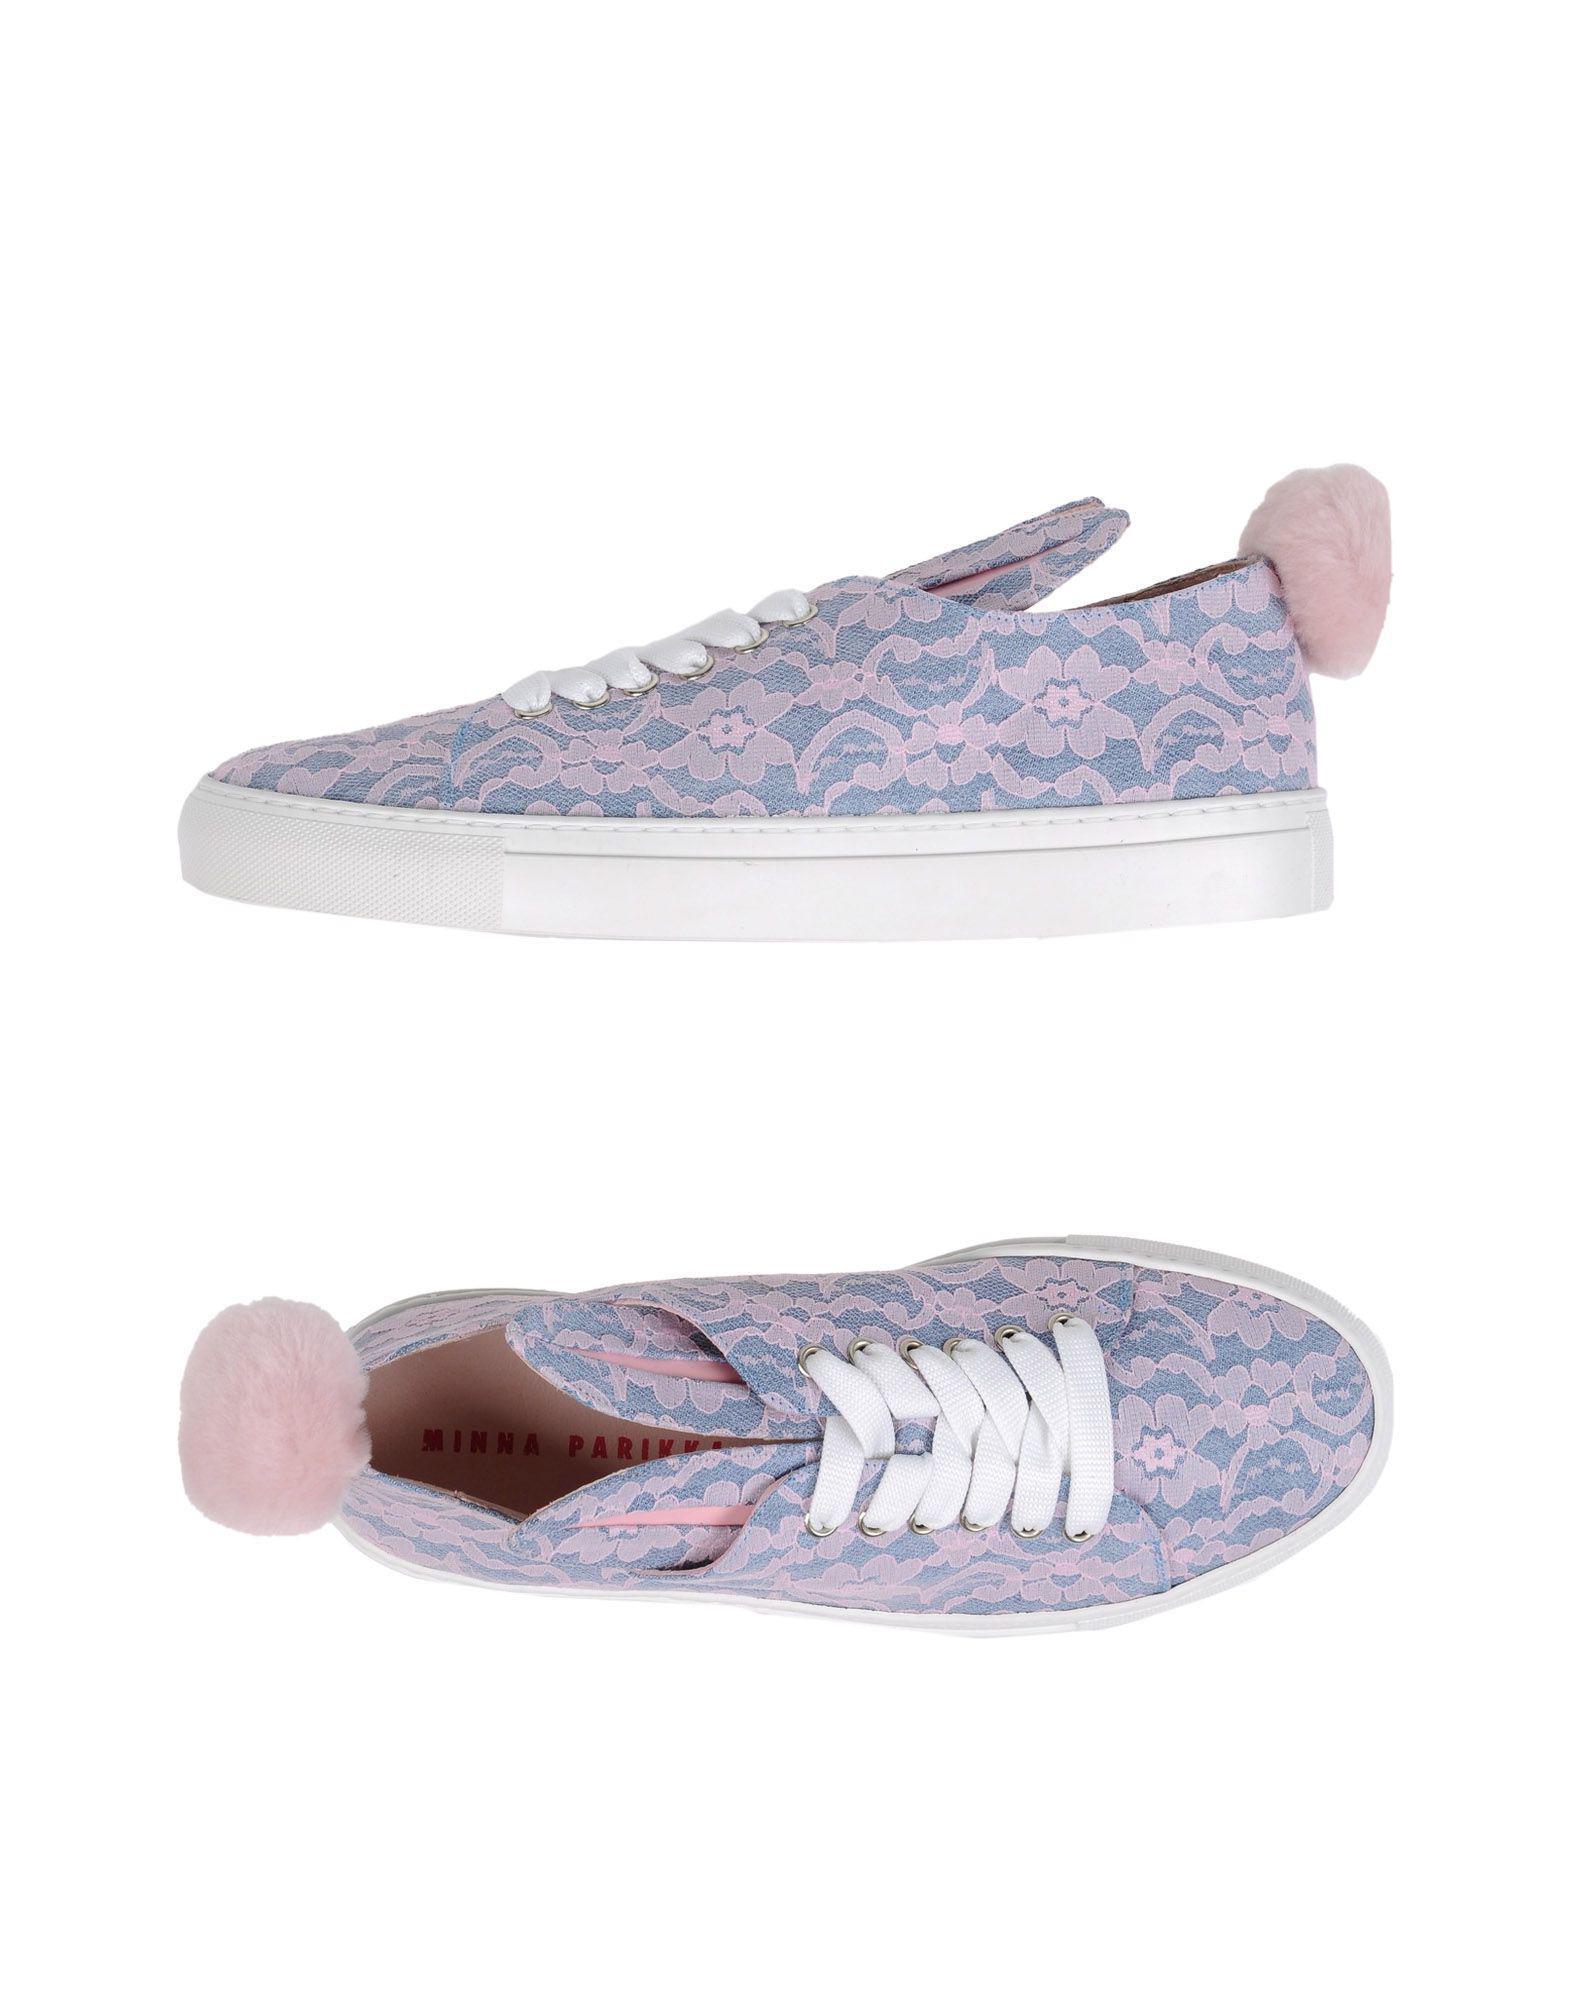 FOOTWEAR - High-tops & sneakers on YOOX.COM Minna Parikka Atgxoj07N3